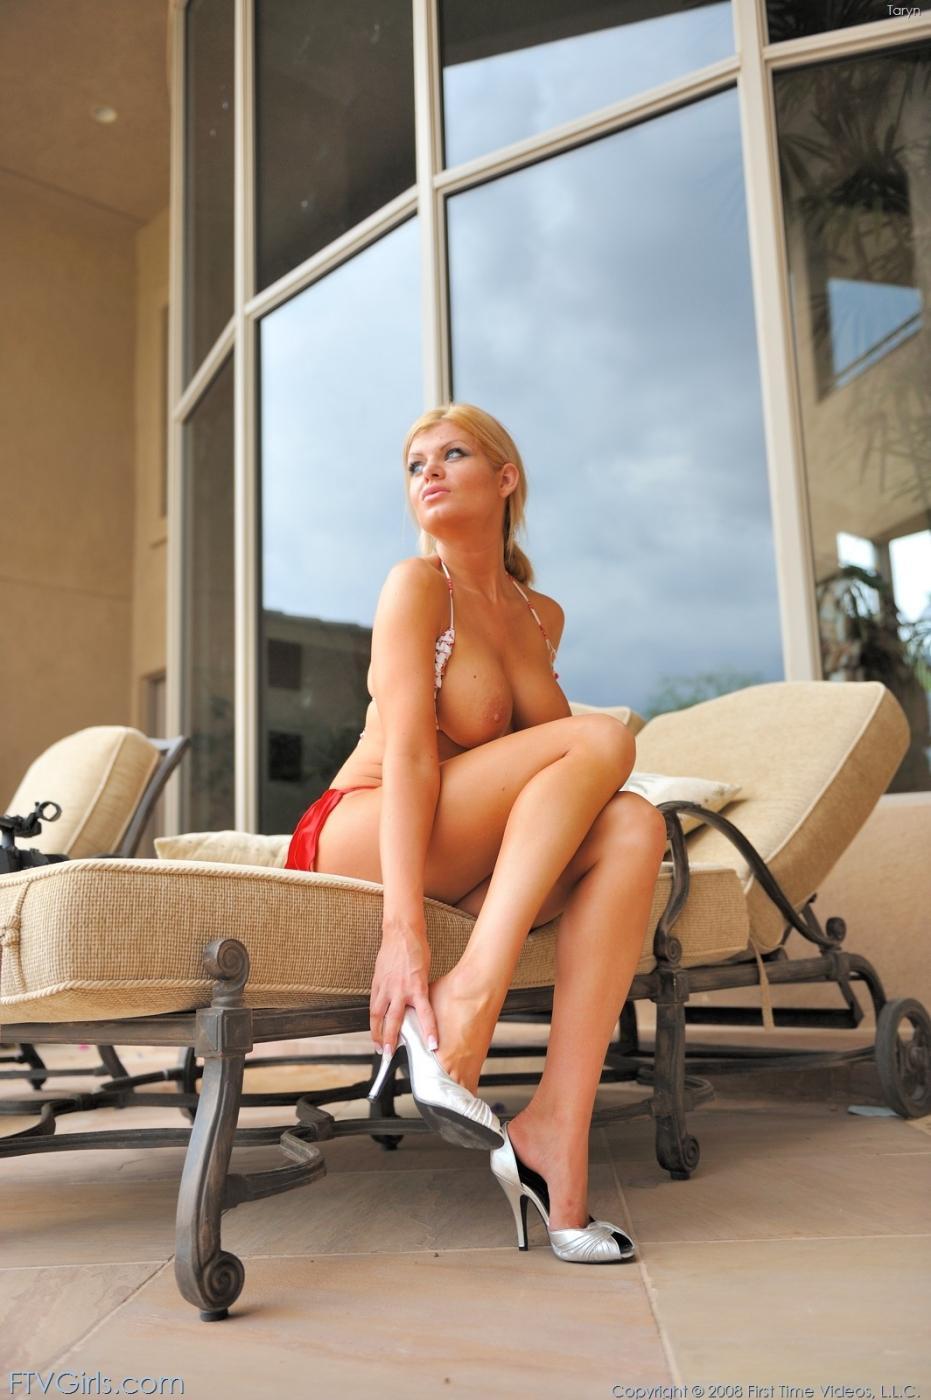 Taryn FTV и ее девушка обнажают громадные титьки и попки-яблочки у бассейна